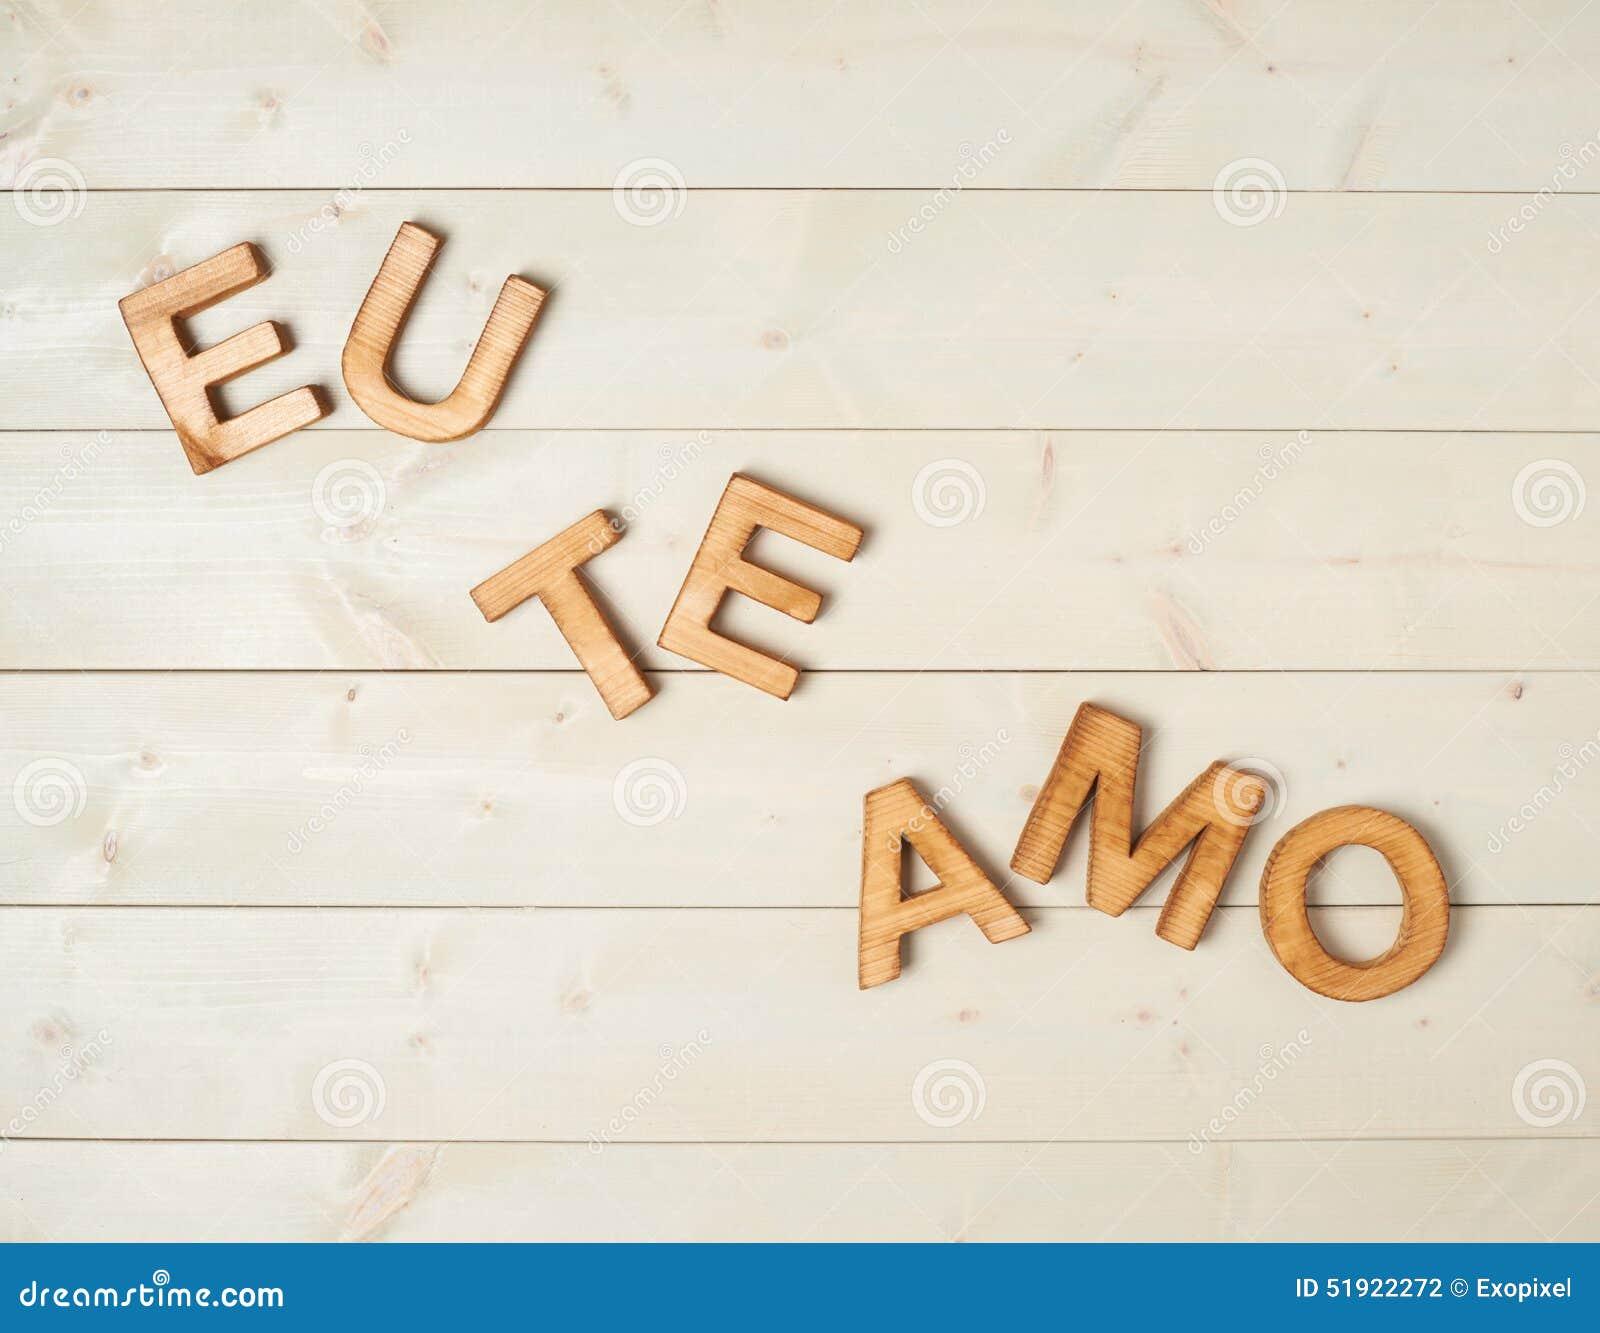 Ich Liebe Dich Portugiesisch